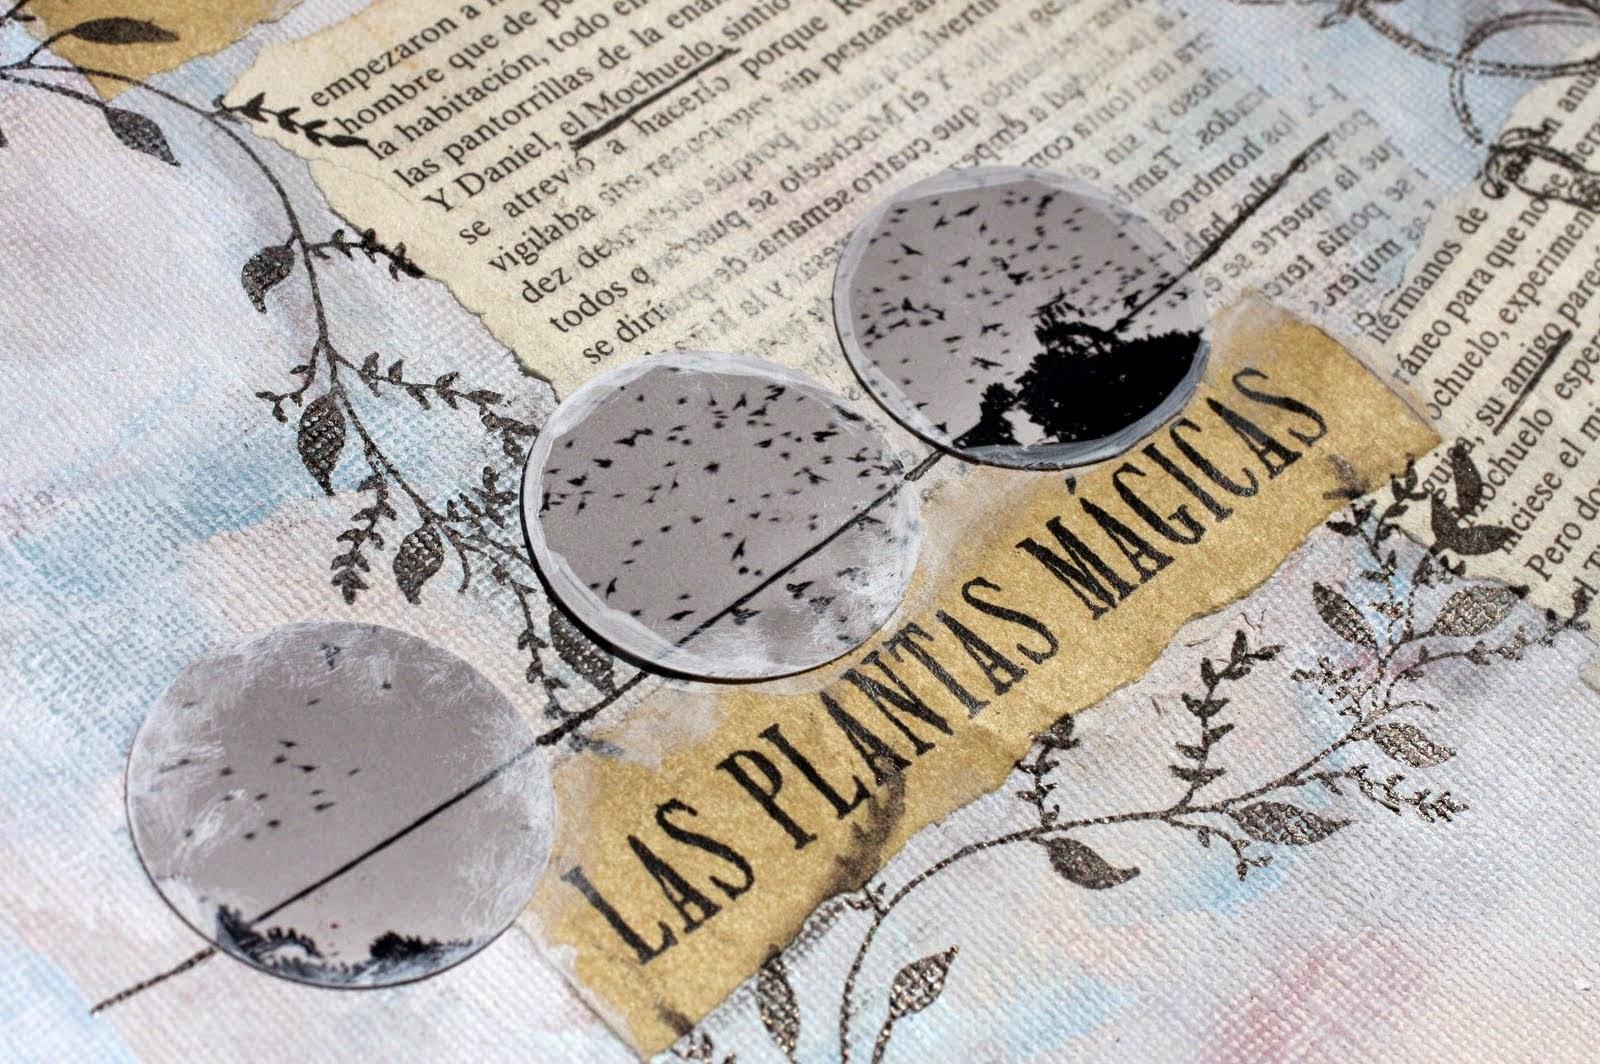 Baño Plantas Amargas:1600 x 1064 jpeg 347kB, Plantas Y Hierbas Para Atraer Prosperidad